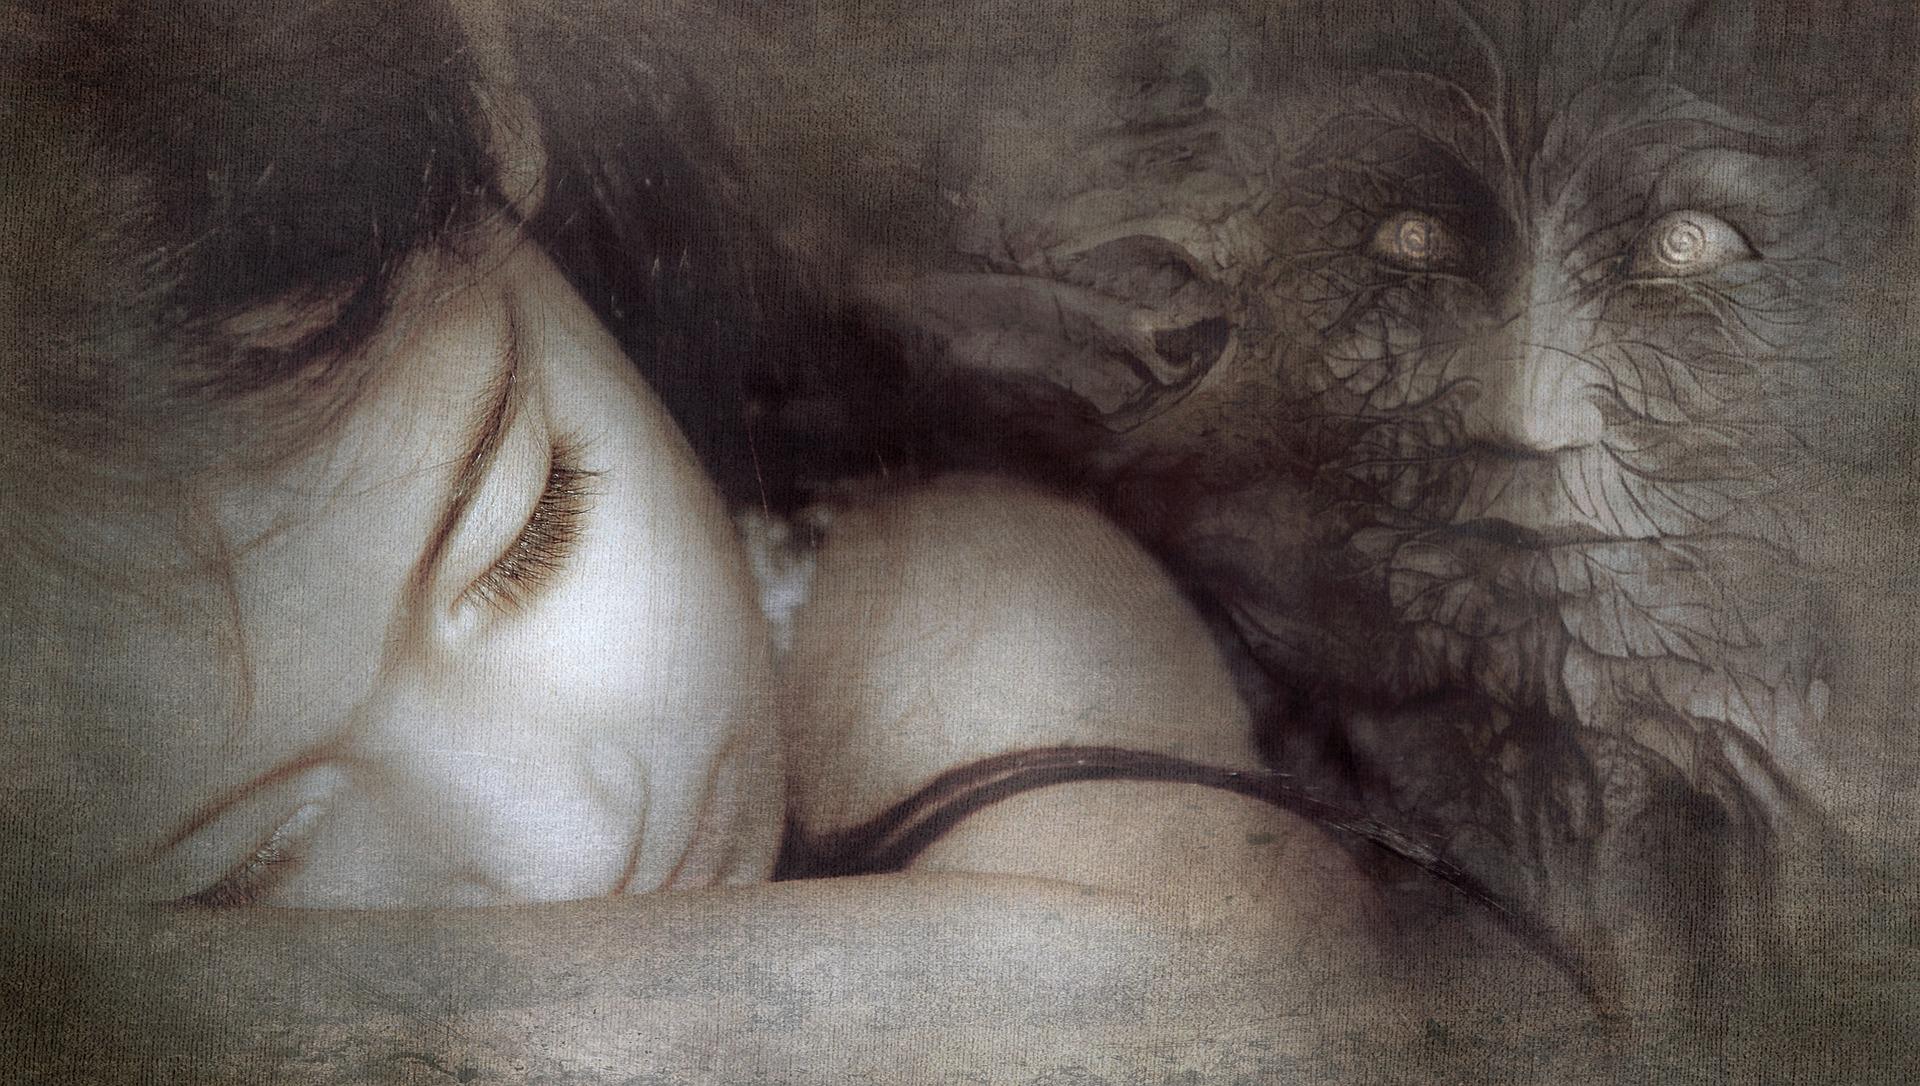 kialvatlanság, gyerekkel egy ágyban, álom, alvás, éjszakai pihenés, alvás